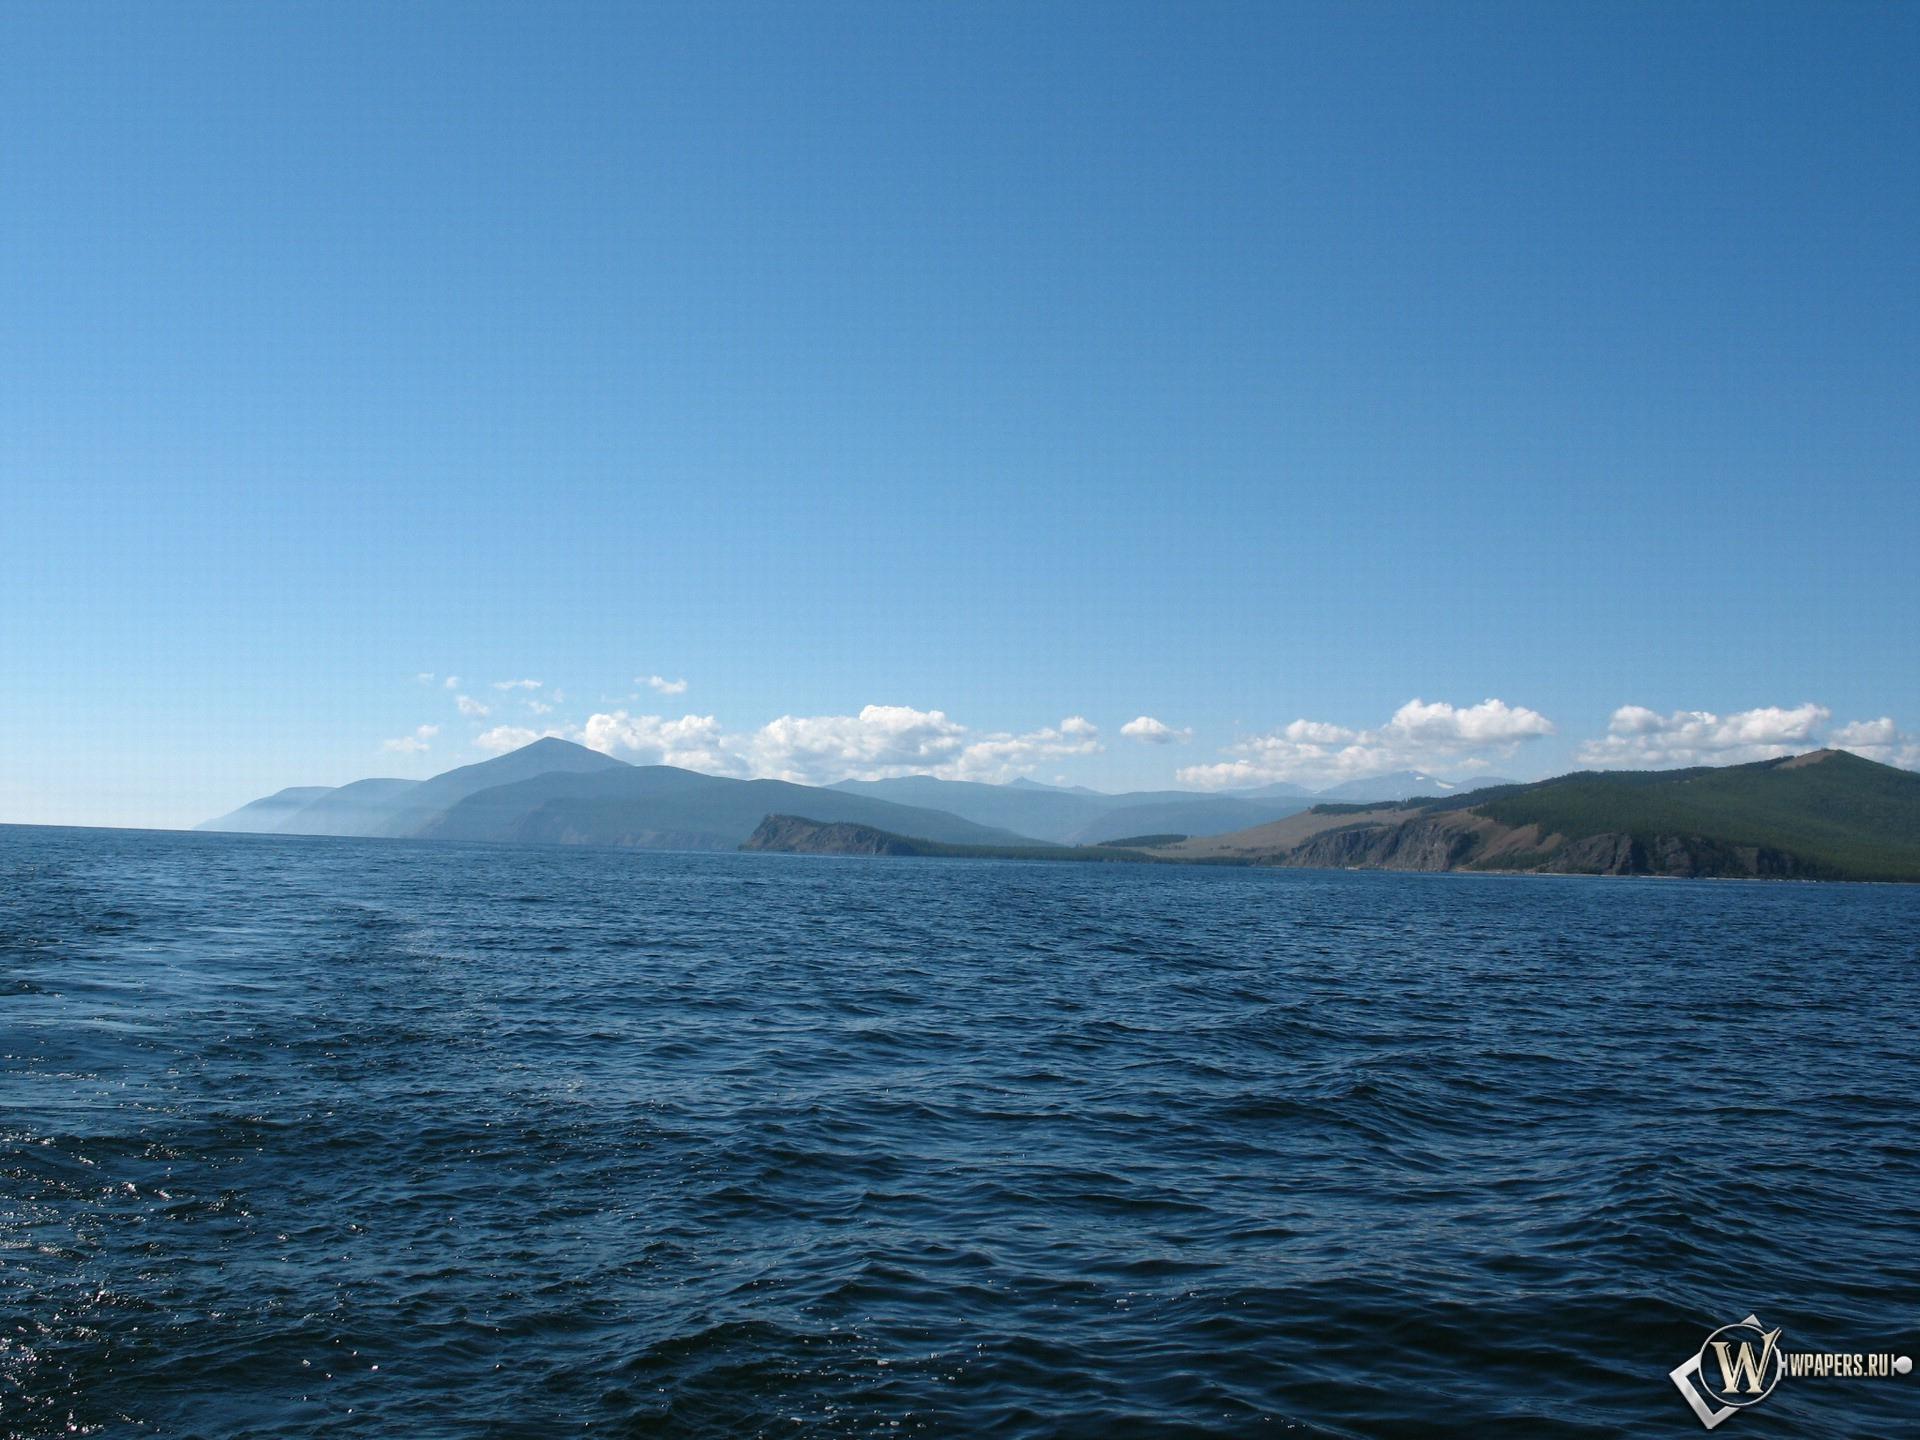 Воды Байкала 1920x1440